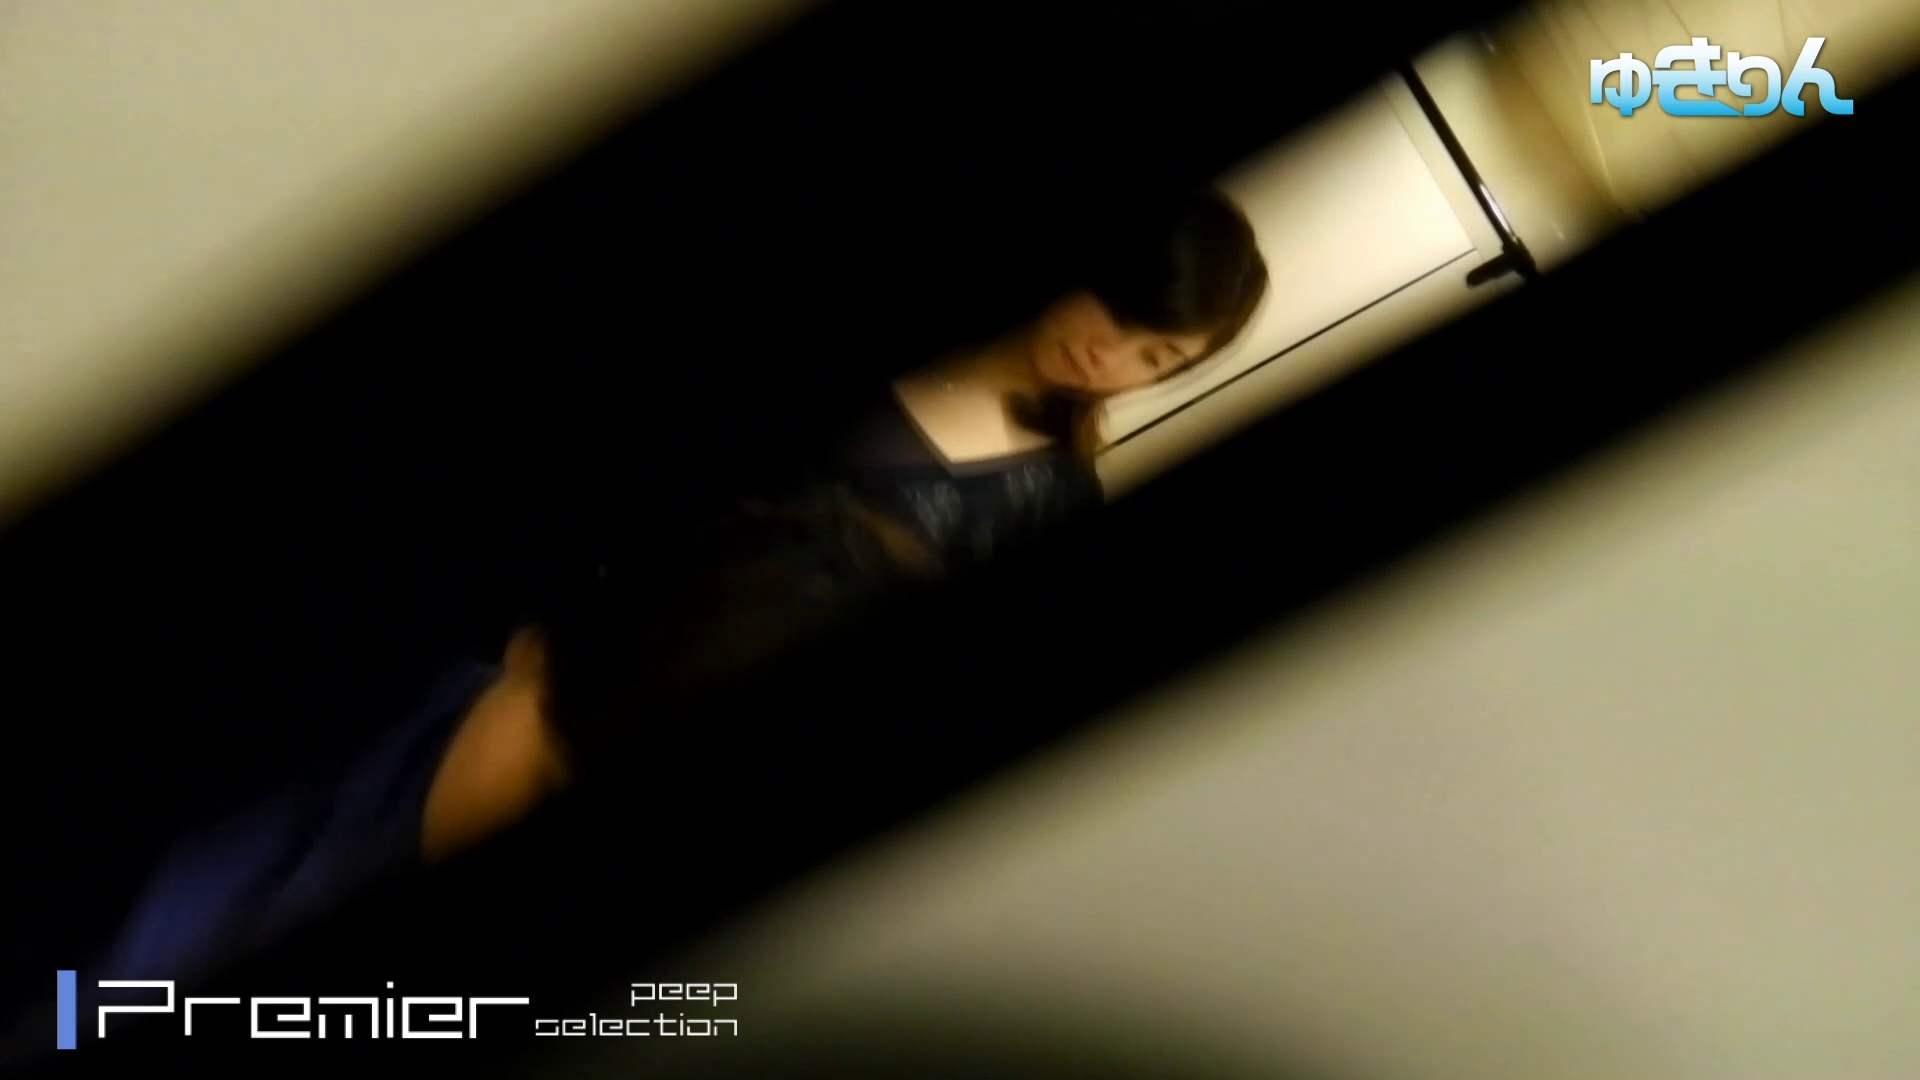 新世界の射窓 No100 祝 記念版!異次元な明るさと技術 無料動画 洗面所  73PIX 24